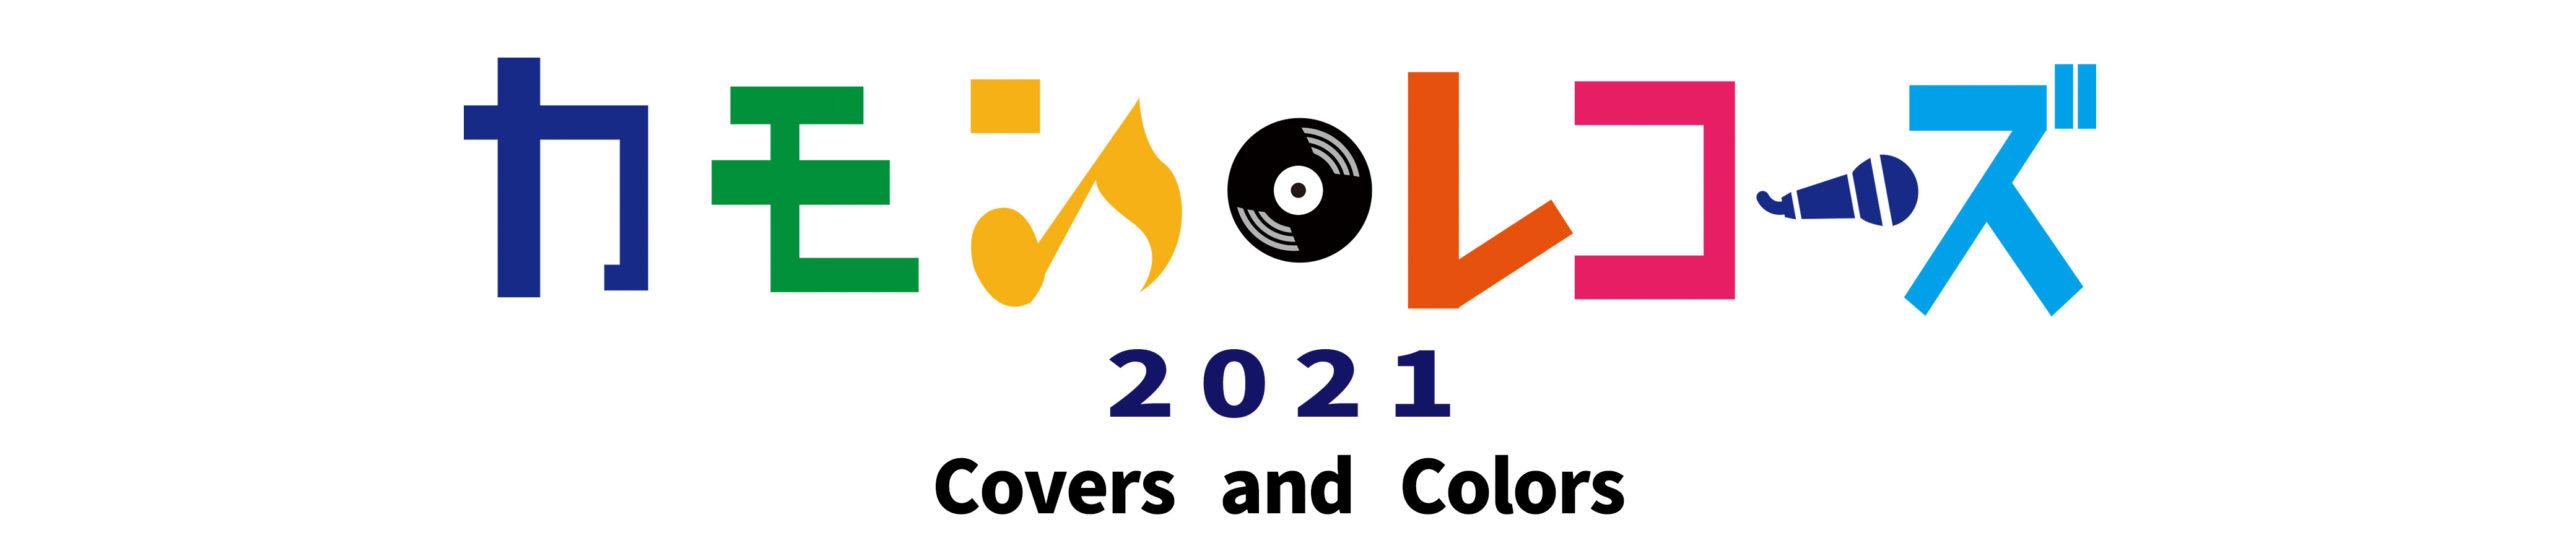 カモンレコーズ 2021<br/>Covers and Colors